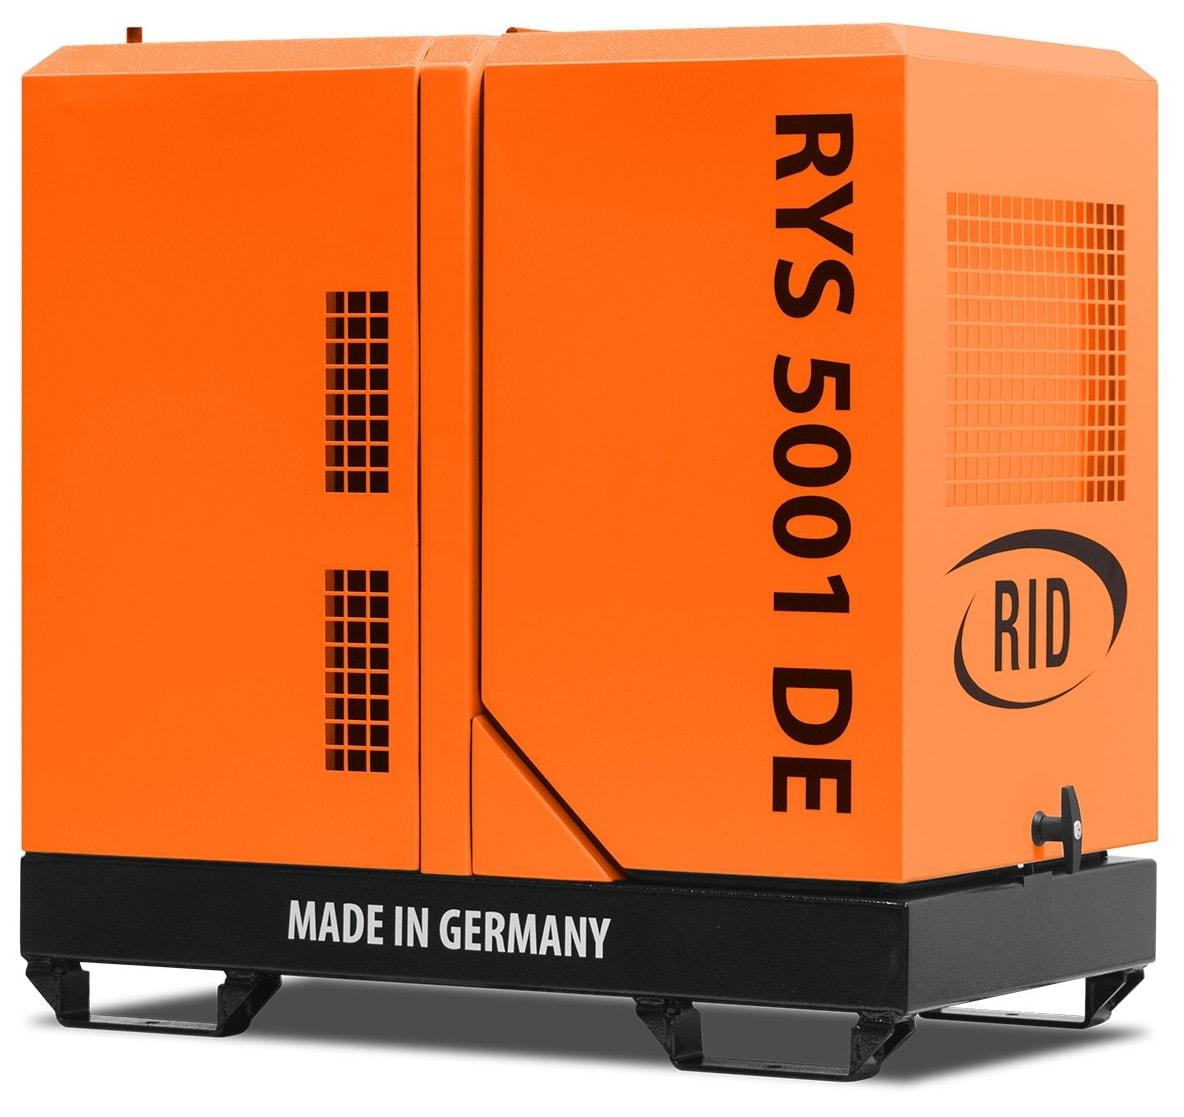 дизельная электростанция rid rys 5001 de